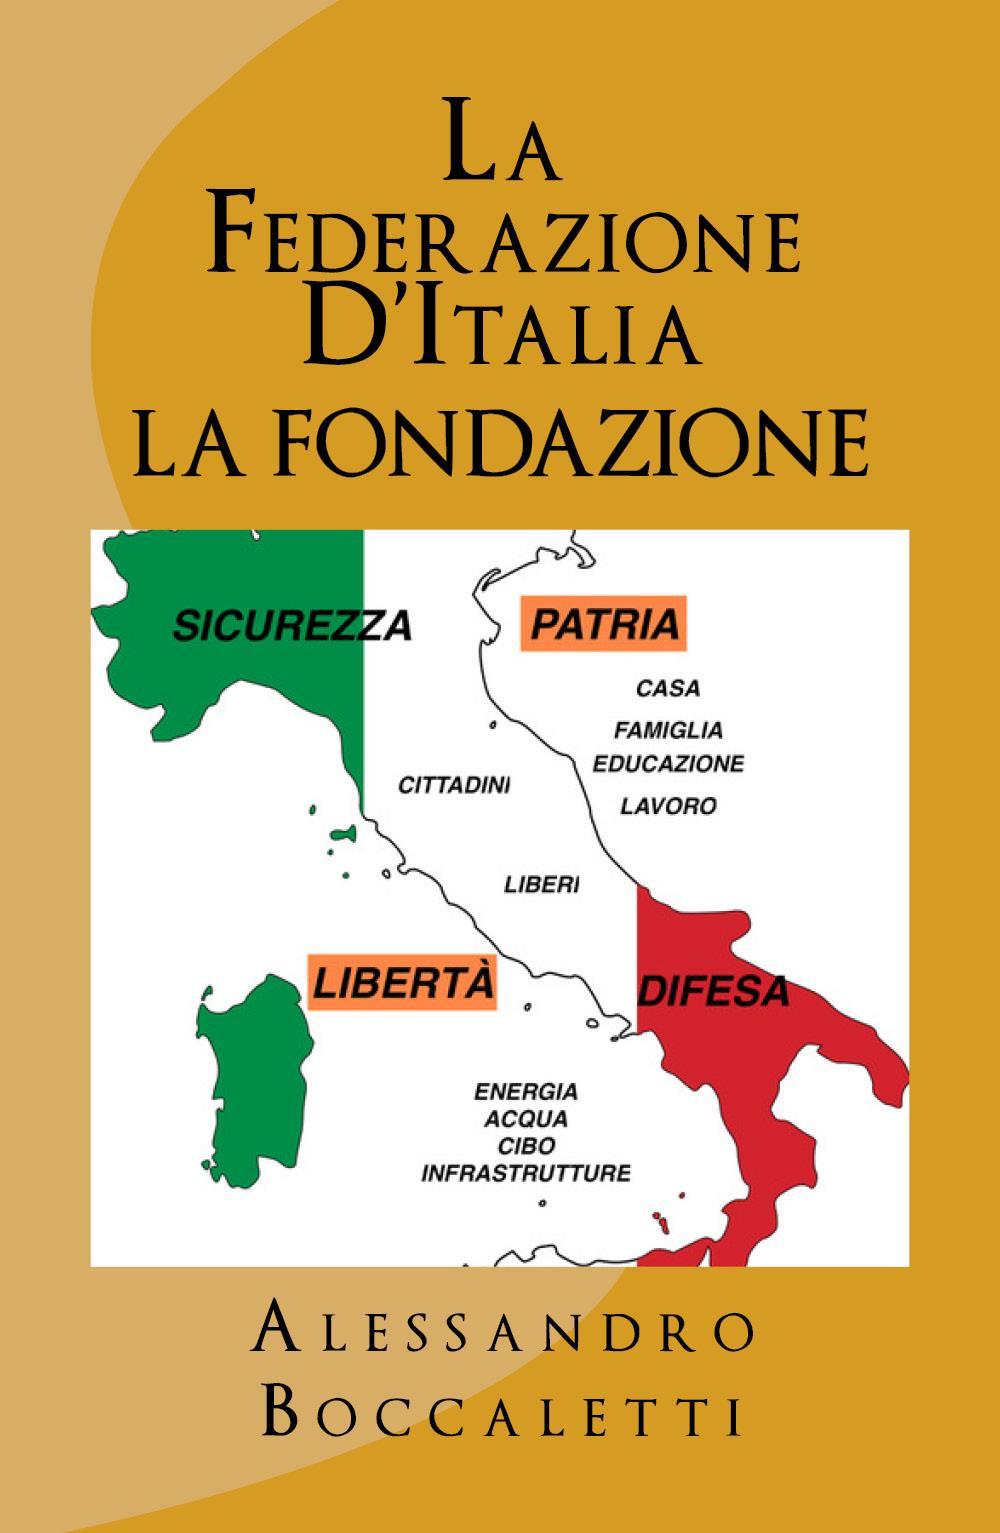 La Federazione d'Italia 1